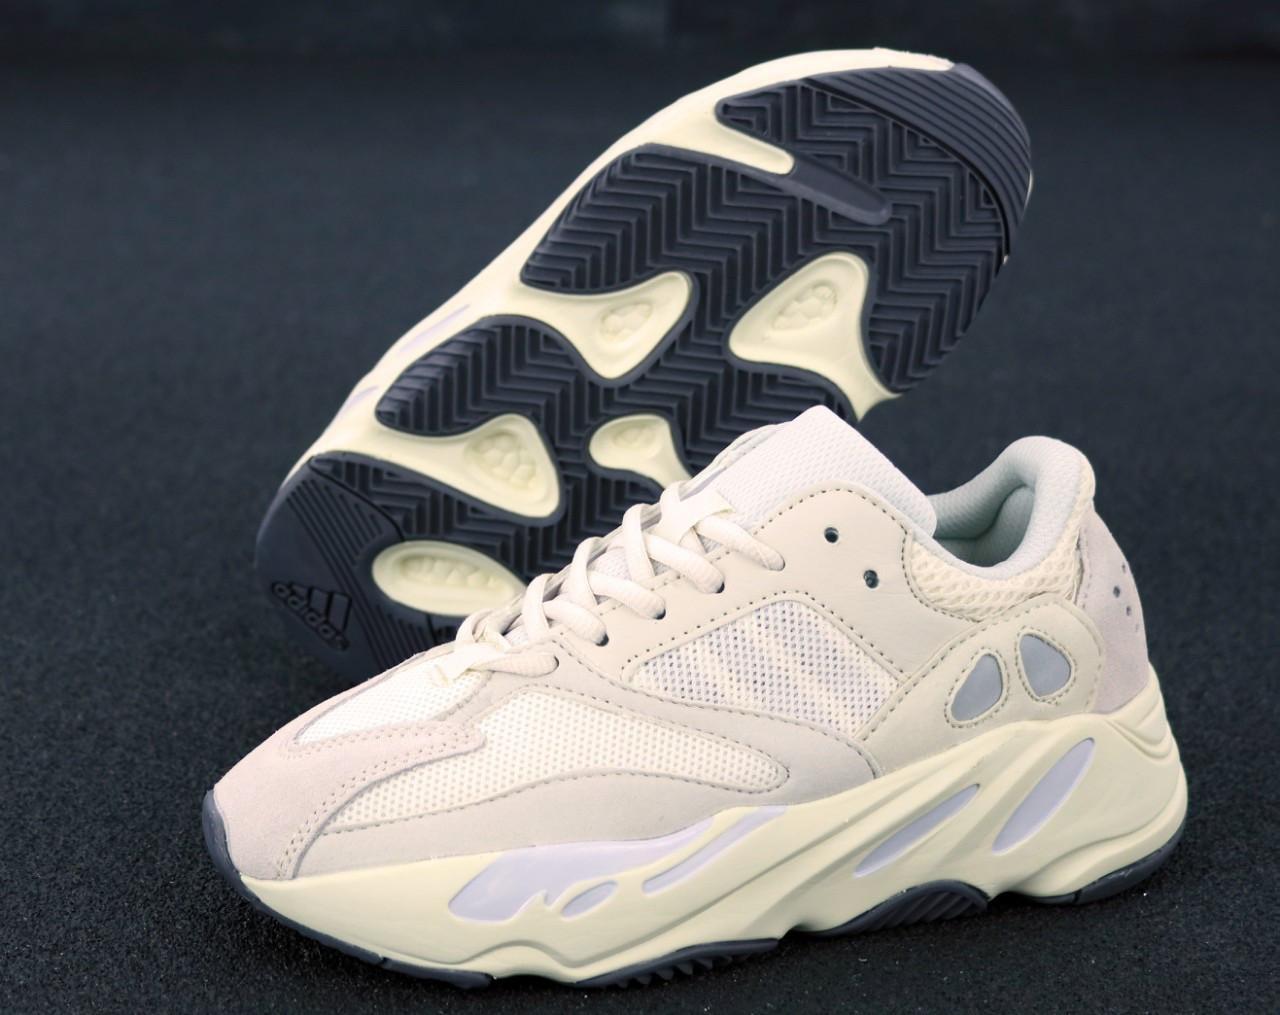 Женские кроссовки Adidas Yeezy Boost 700, женские кроссовки адидас изи буст 700, кроссовки Adidas Yeezy 700